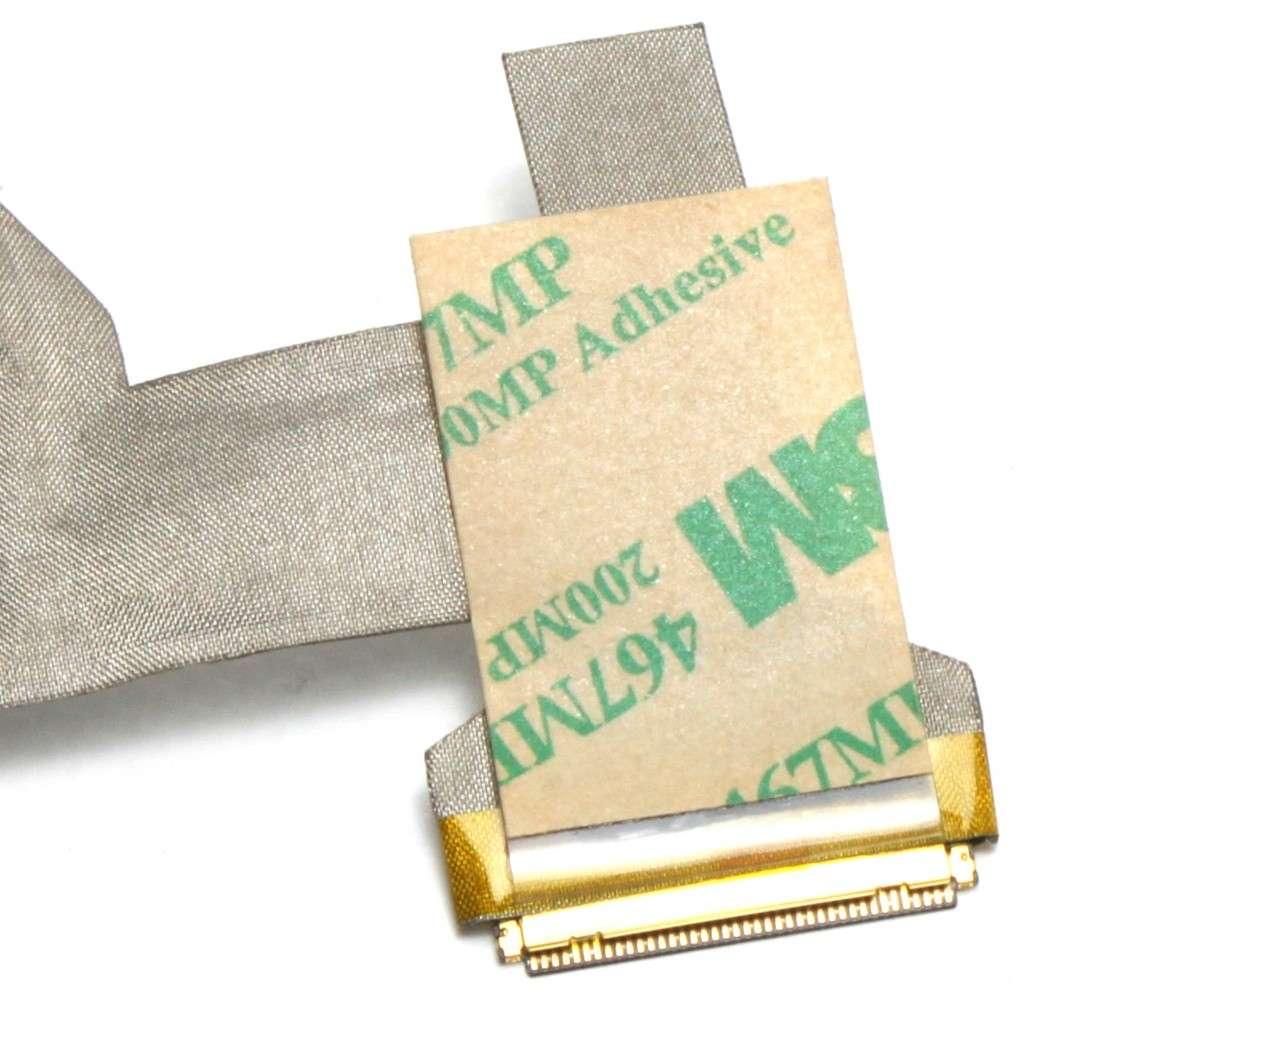 Cablu video LVDS Asus 1422 00HA0AS imagine powerlaptop.ro 2021